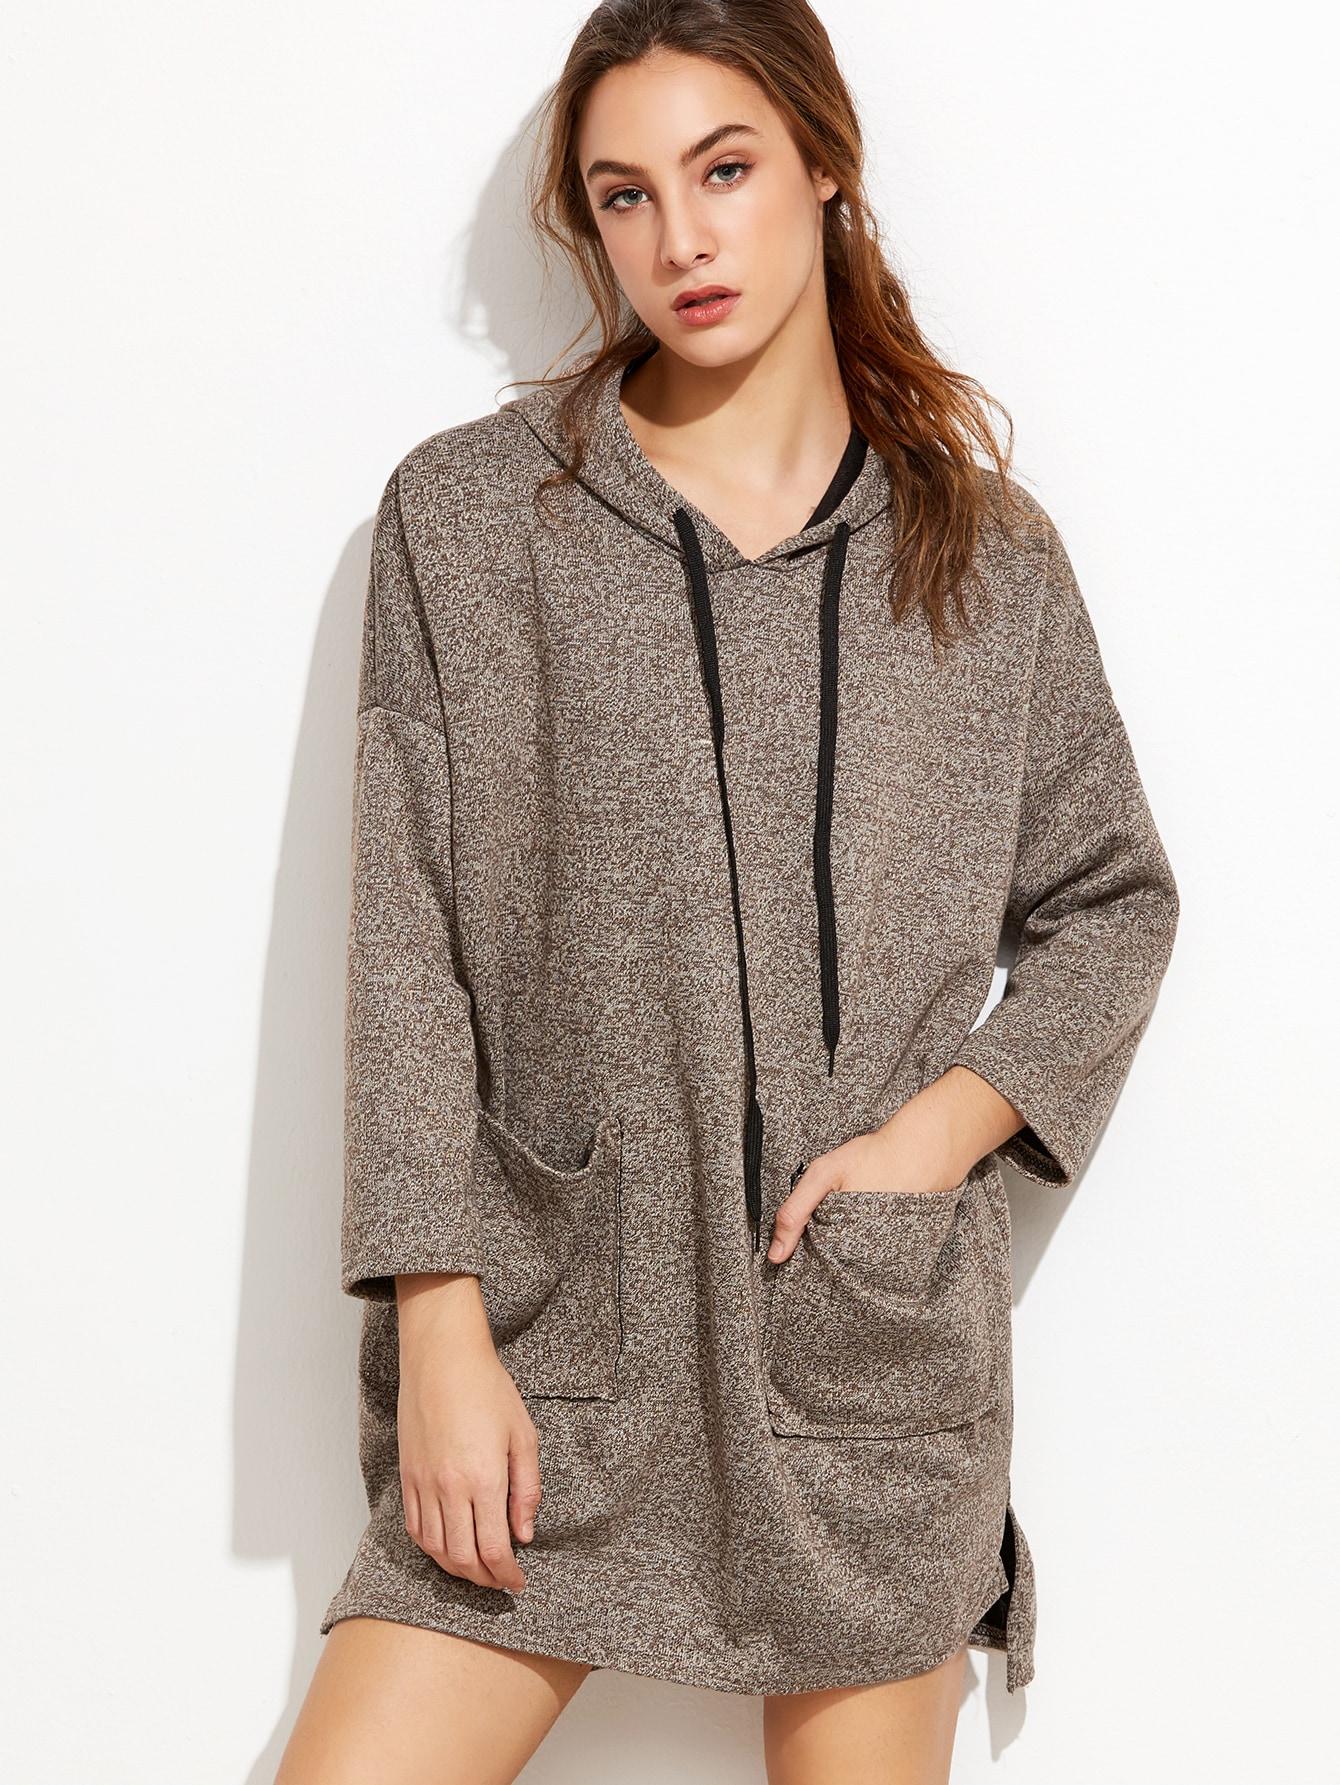 robe sweat shirt avec capuche et poche kaki. Black Bedroom Furniture Sets. Home Design Ideas